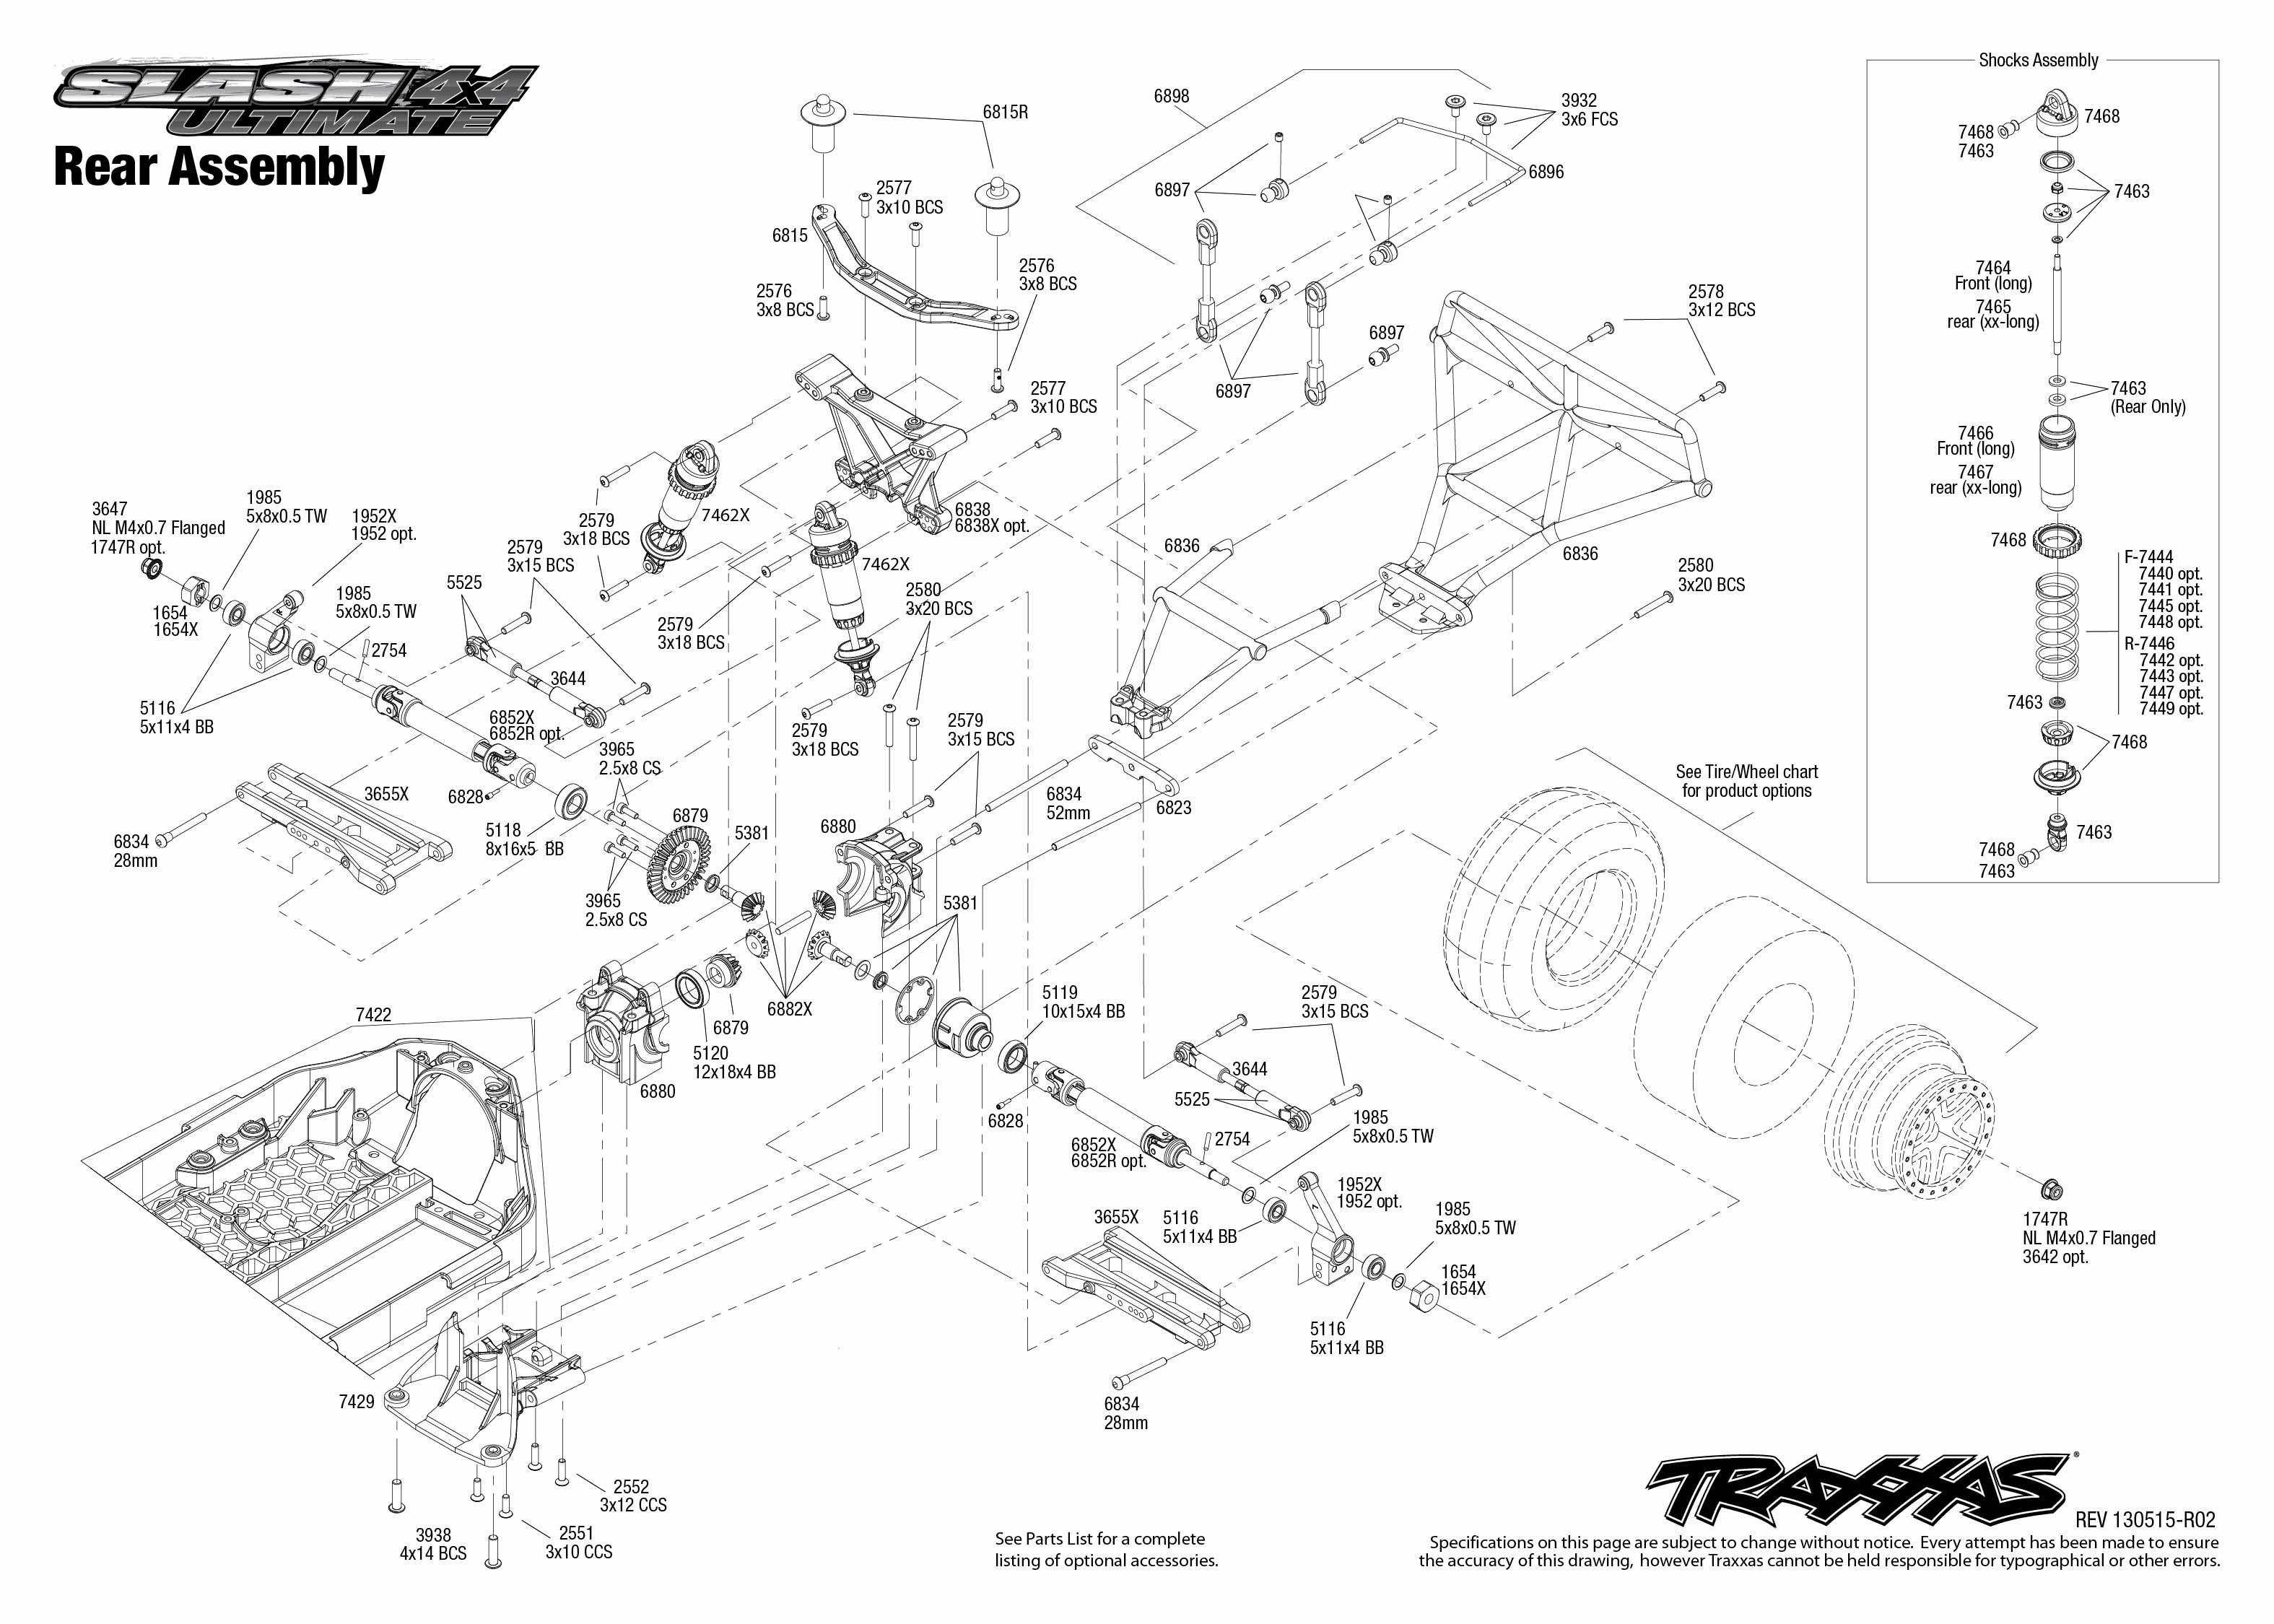 6807L Rear Assembly